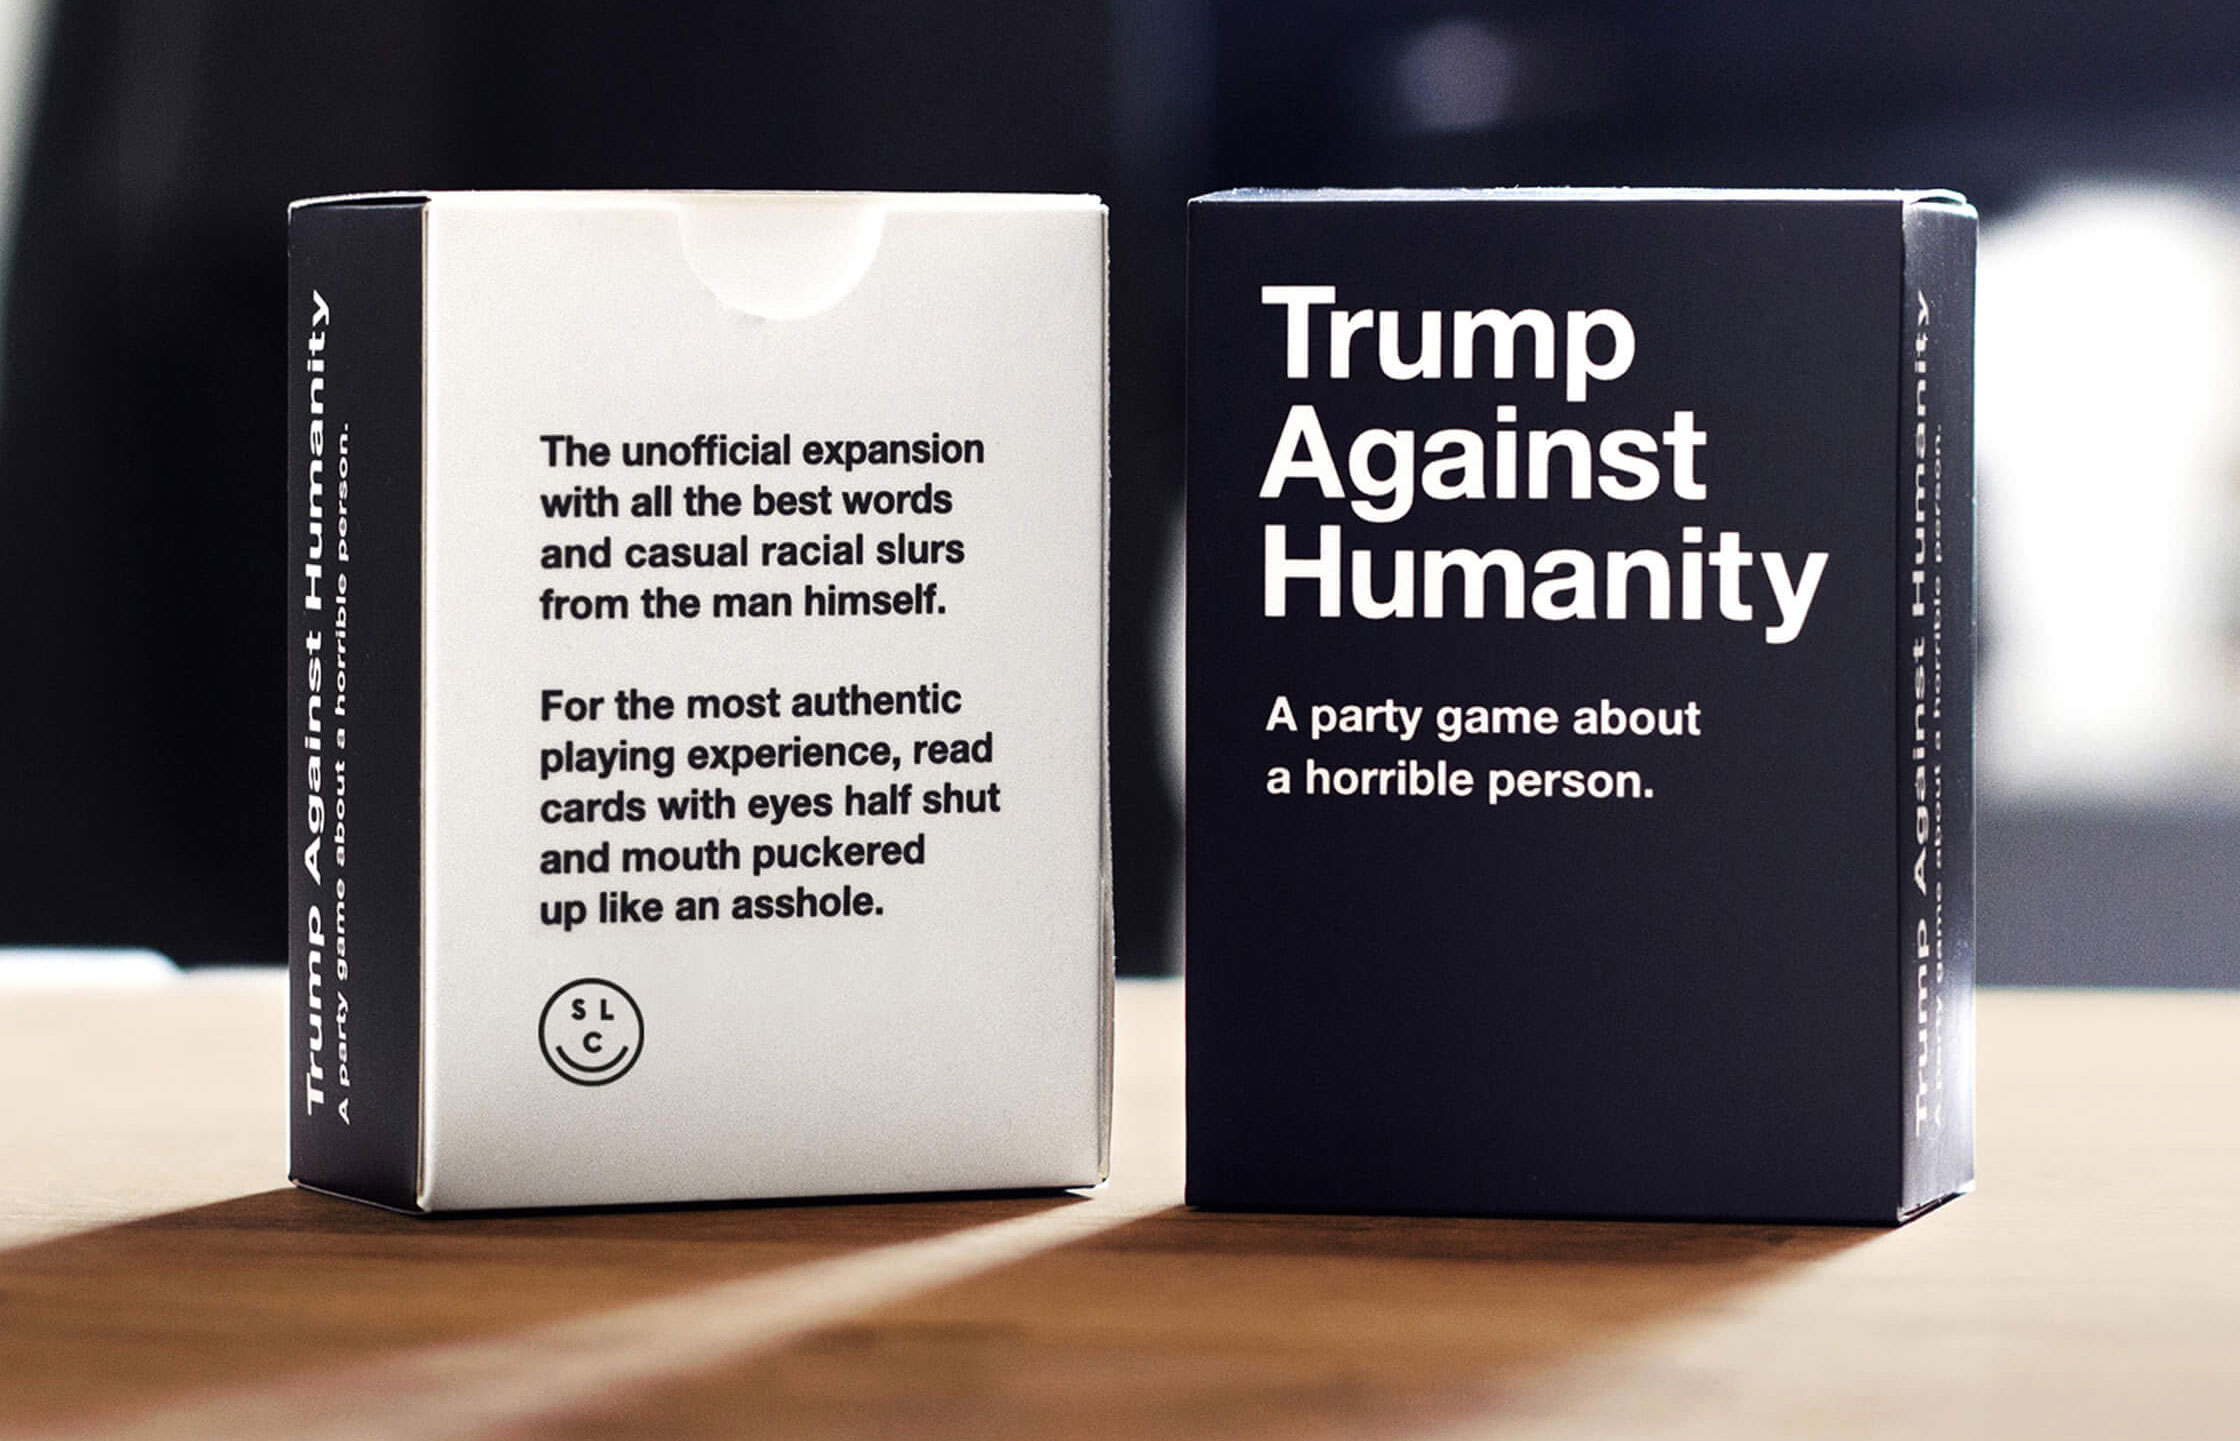 trump-against-humanity-hed-2016.jpg